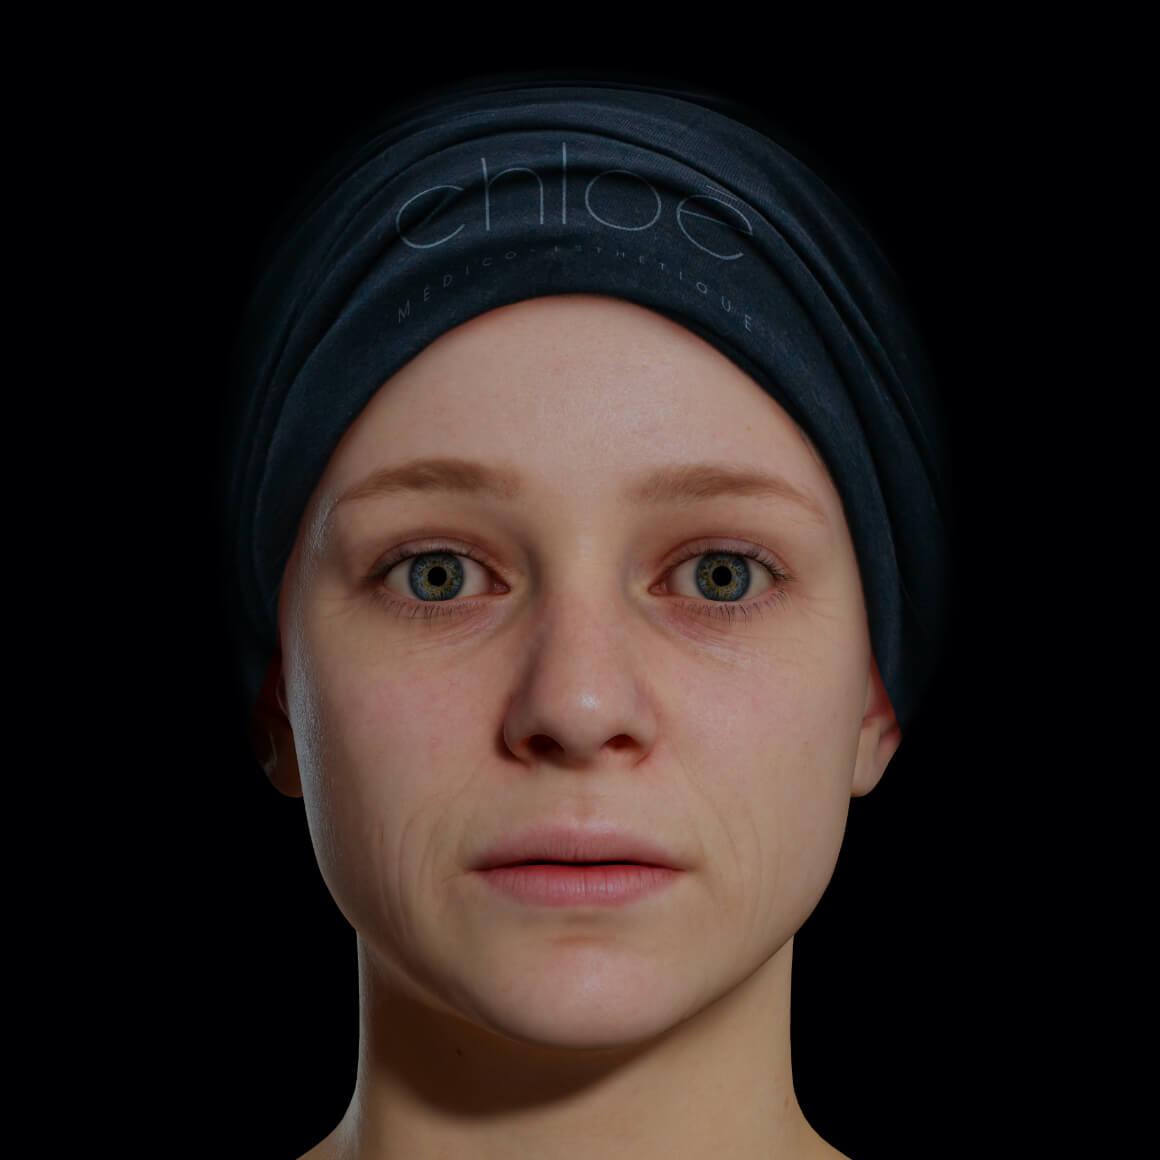 Jeune patiente de la Clinique Chloé positionnée de face avec de fine ridules sur le visage